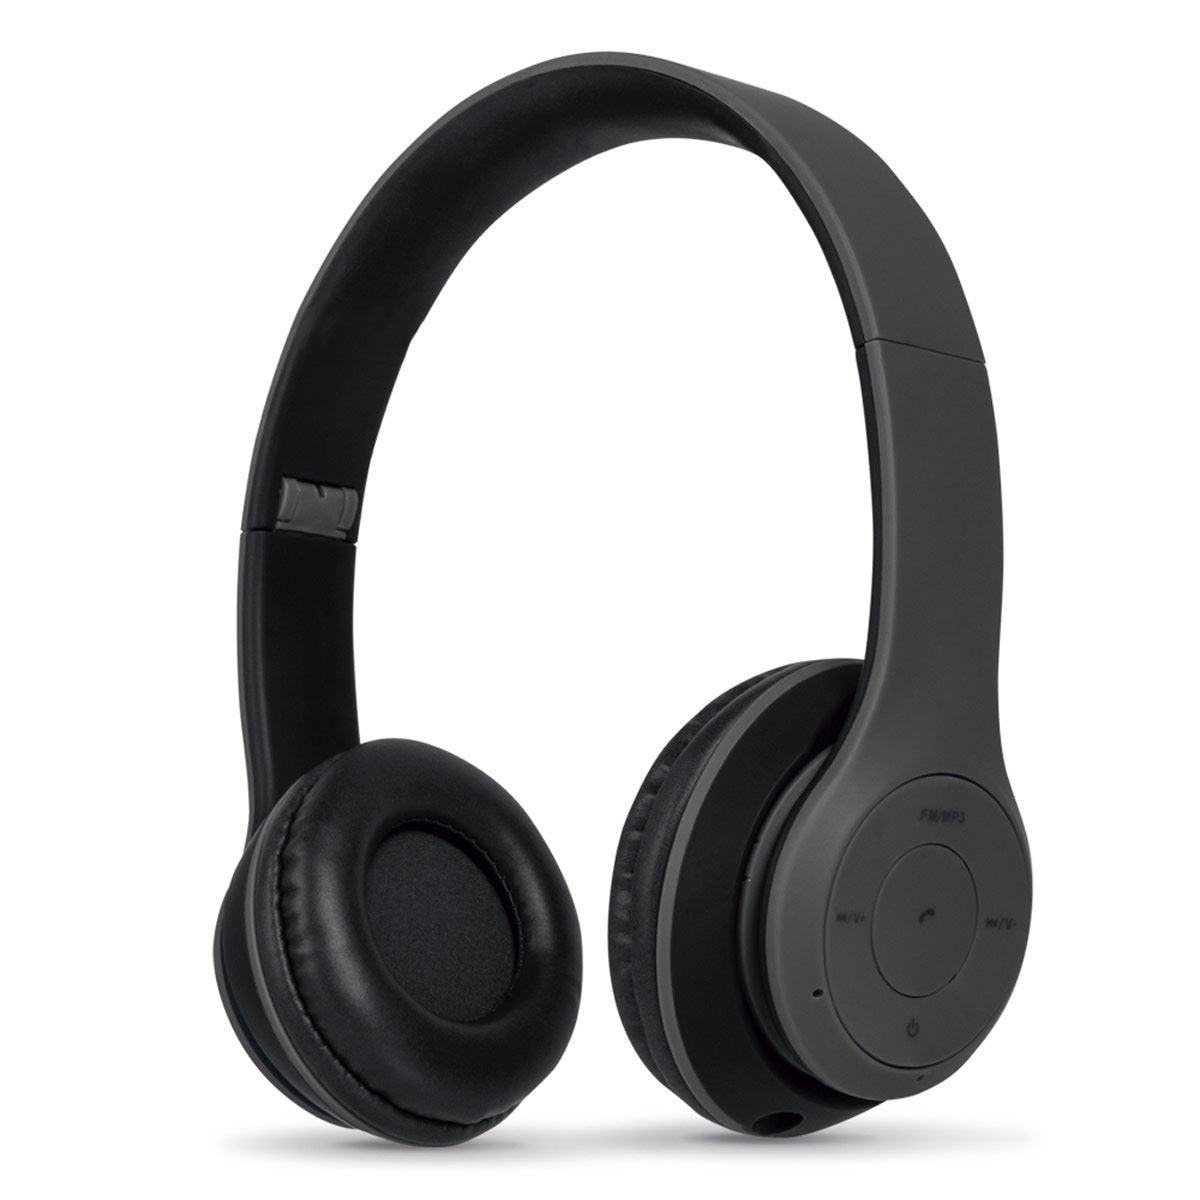 Audífonos Stuffactory Gravity On Ear Bluetooth Negros